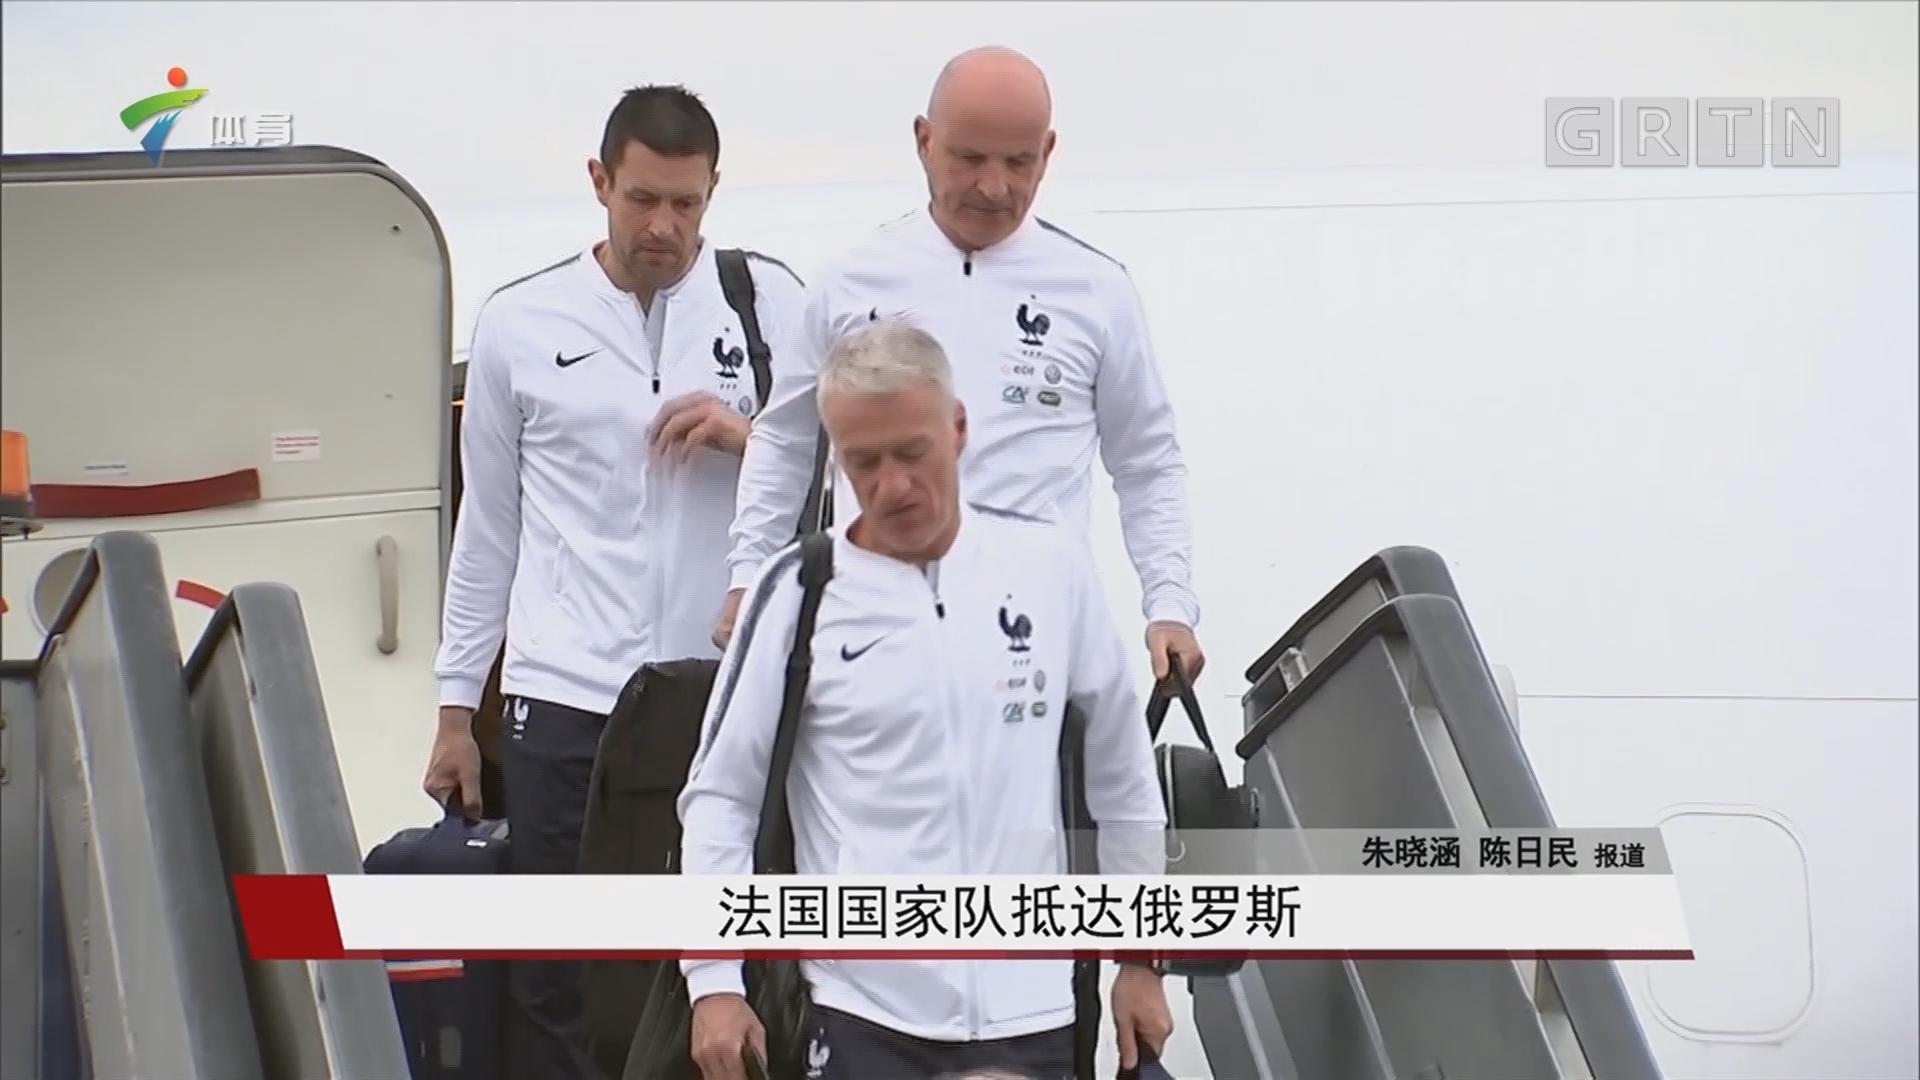 法国国家队抵达俄罗斯